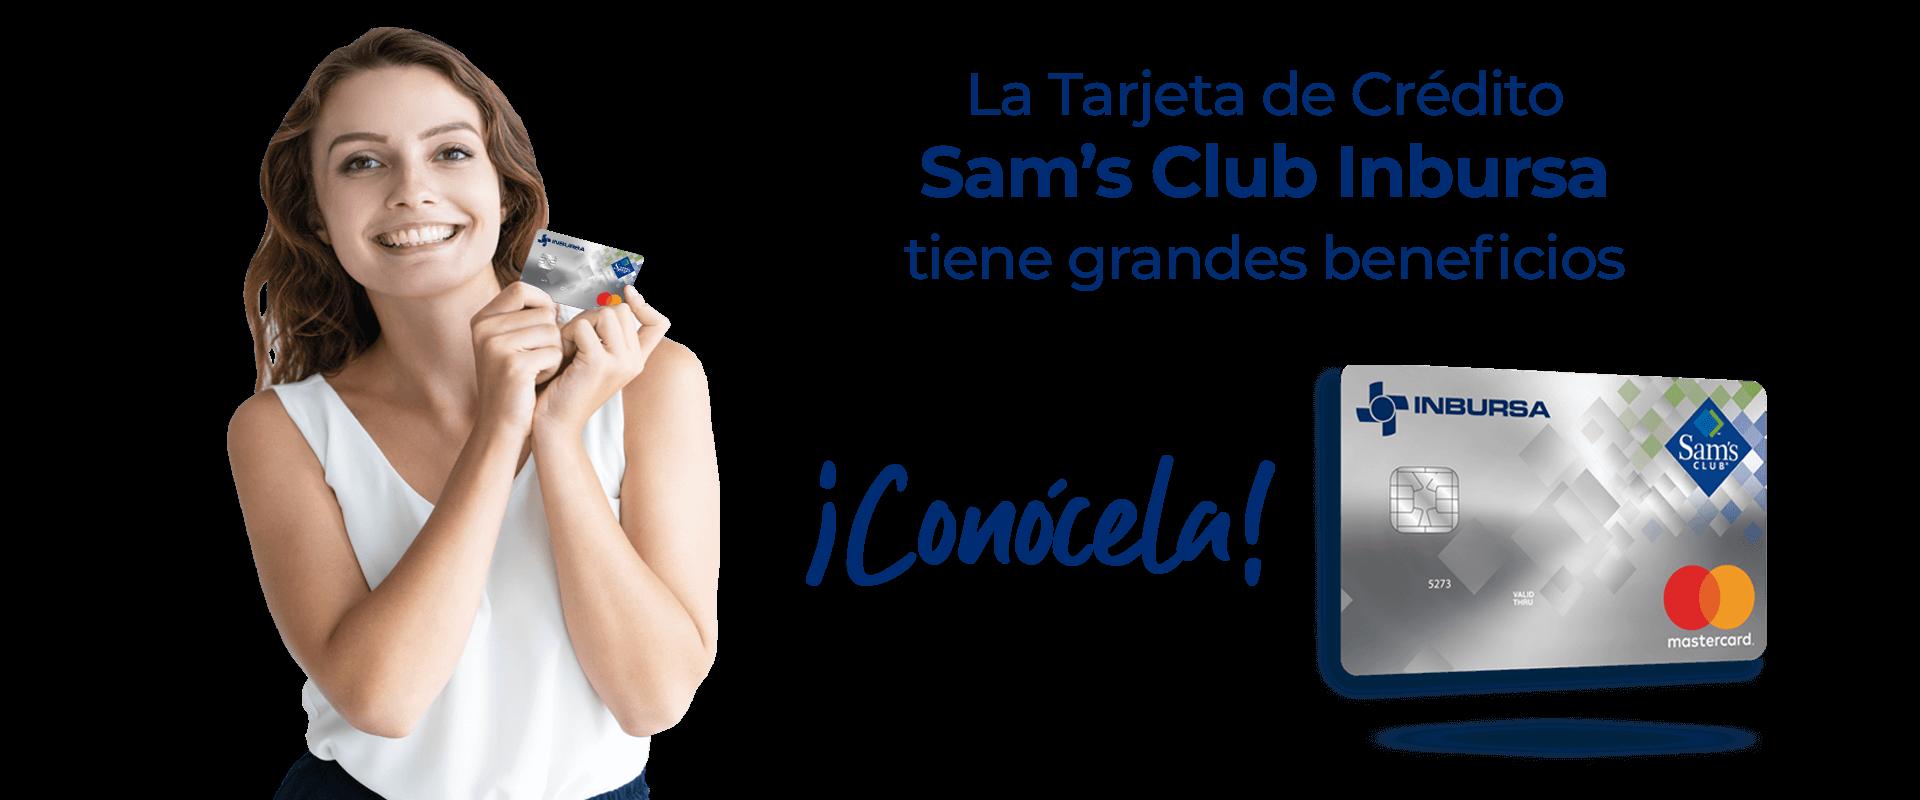 La Tarjeta de Crédito Sam's Club Inbursa tiene grandes beneficios. Conócela.